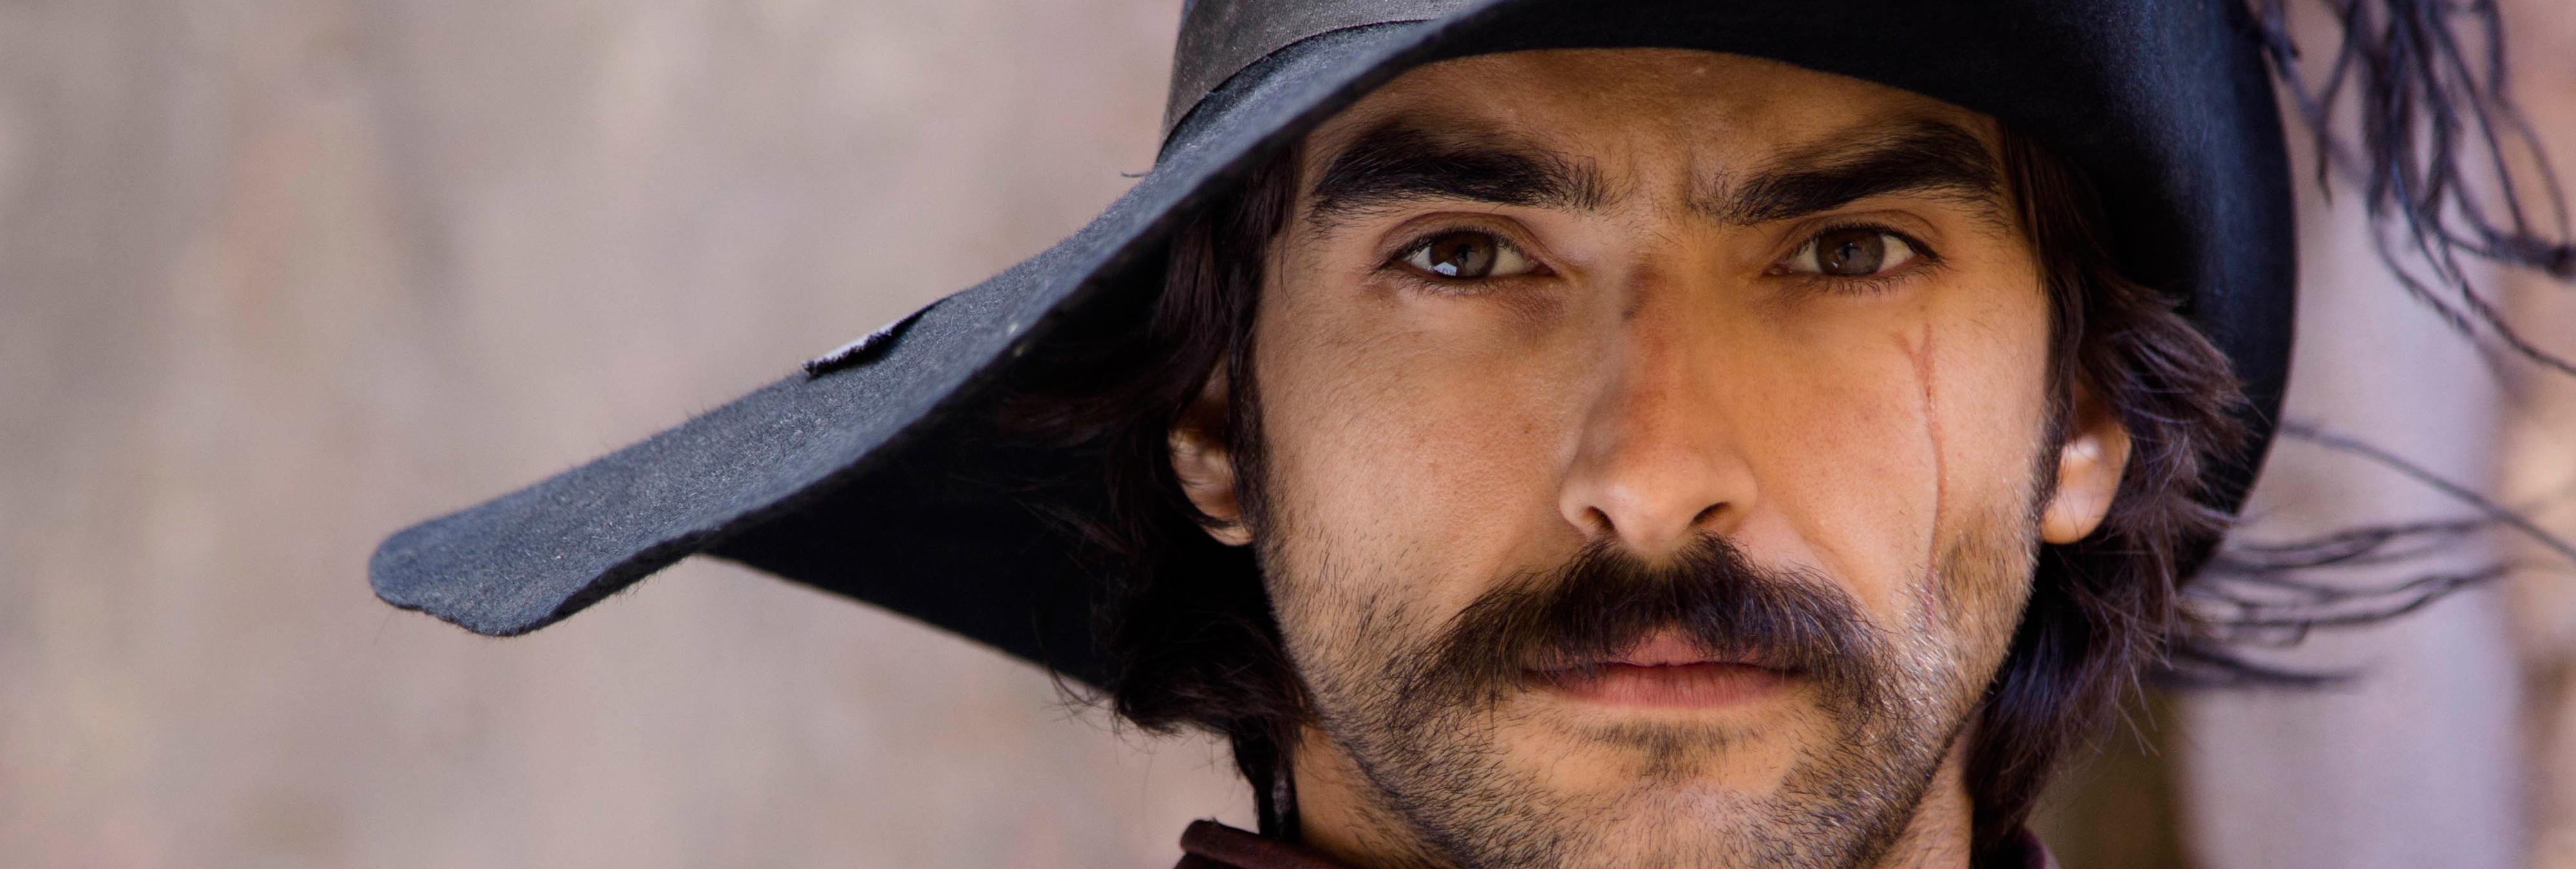 Las 15 series españolas más vergonzosas de los últimos años